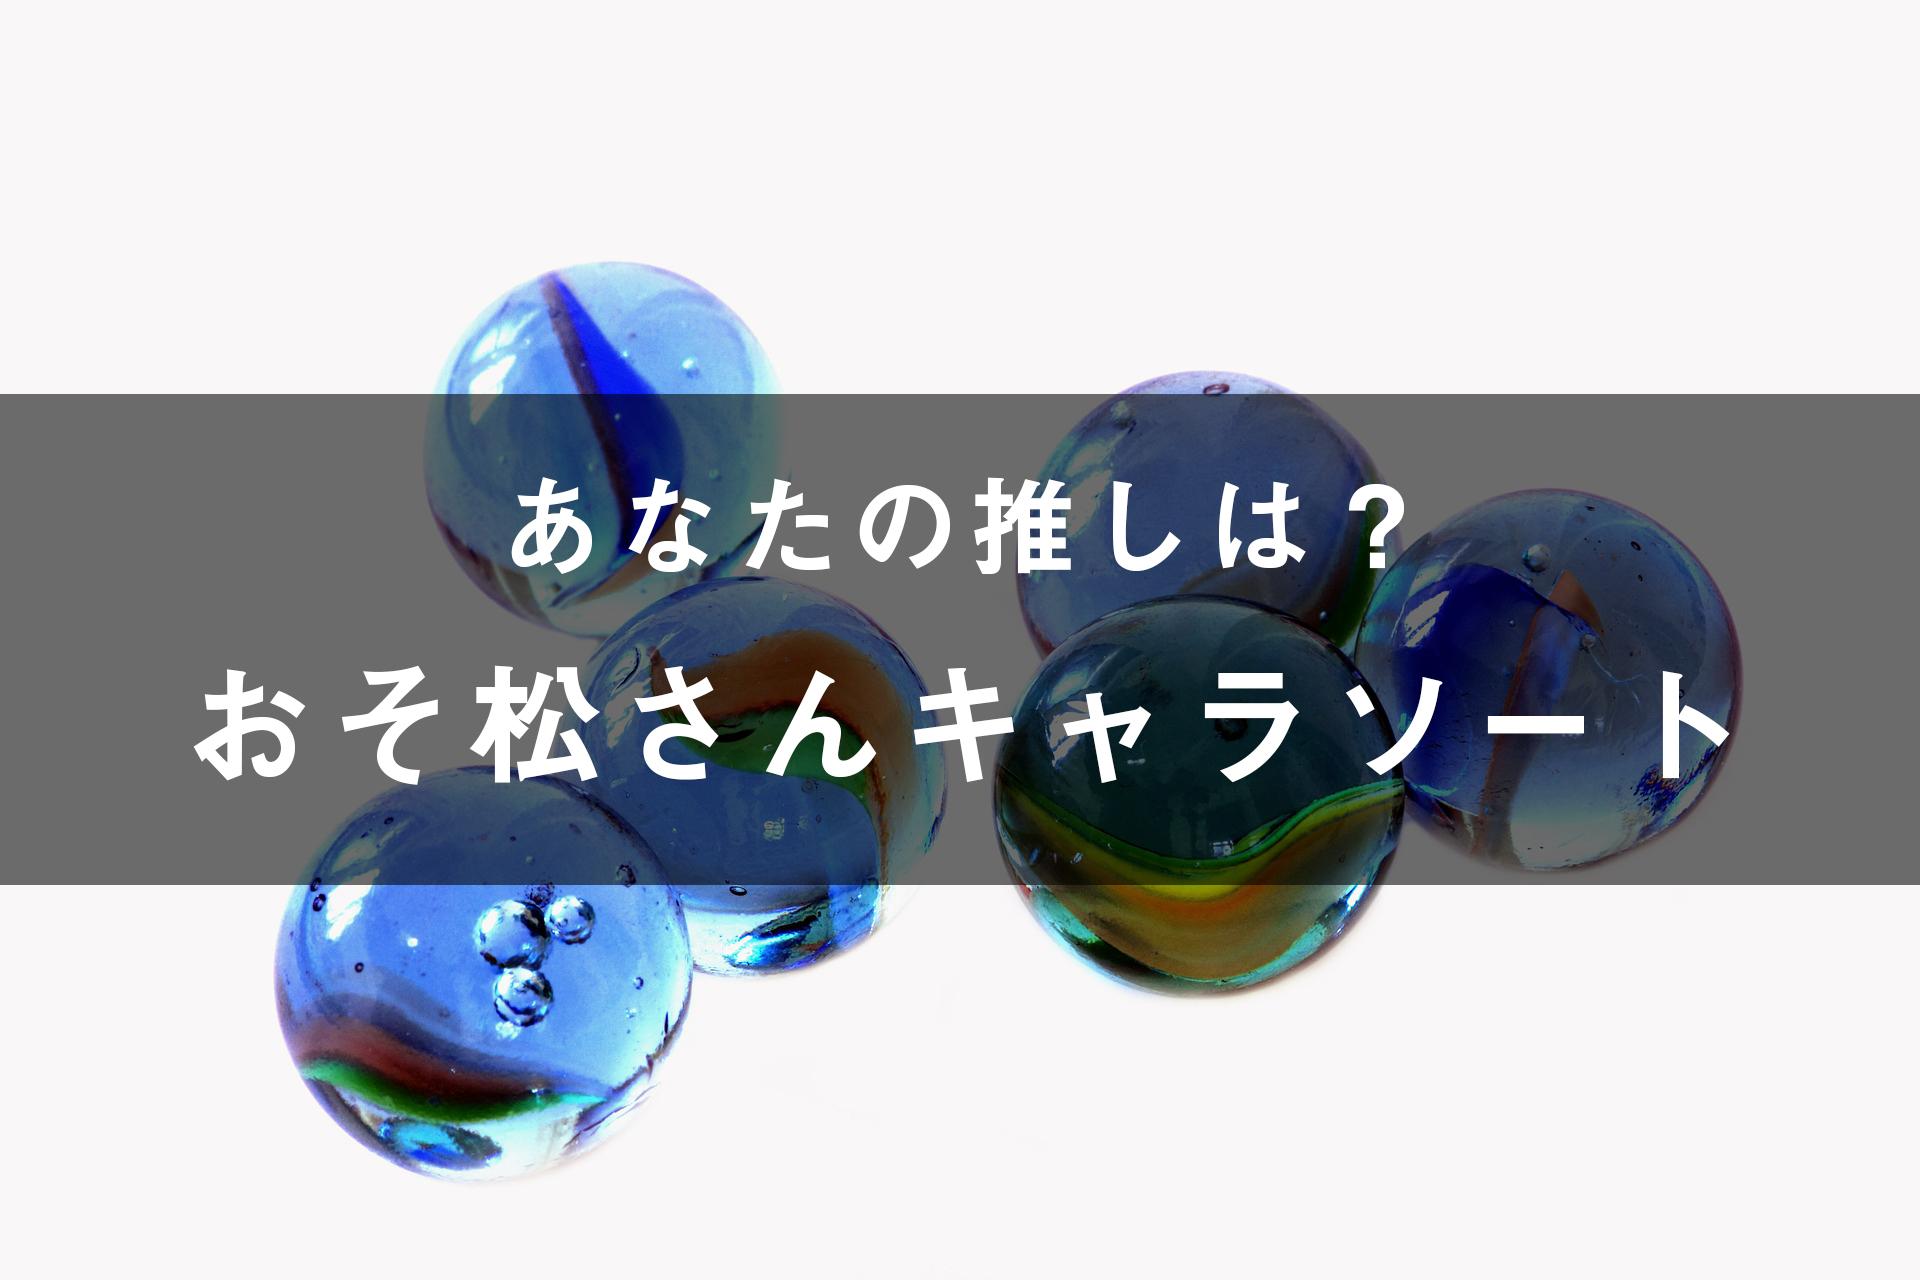 「おそ松さん」のキャラソート(画像付き)